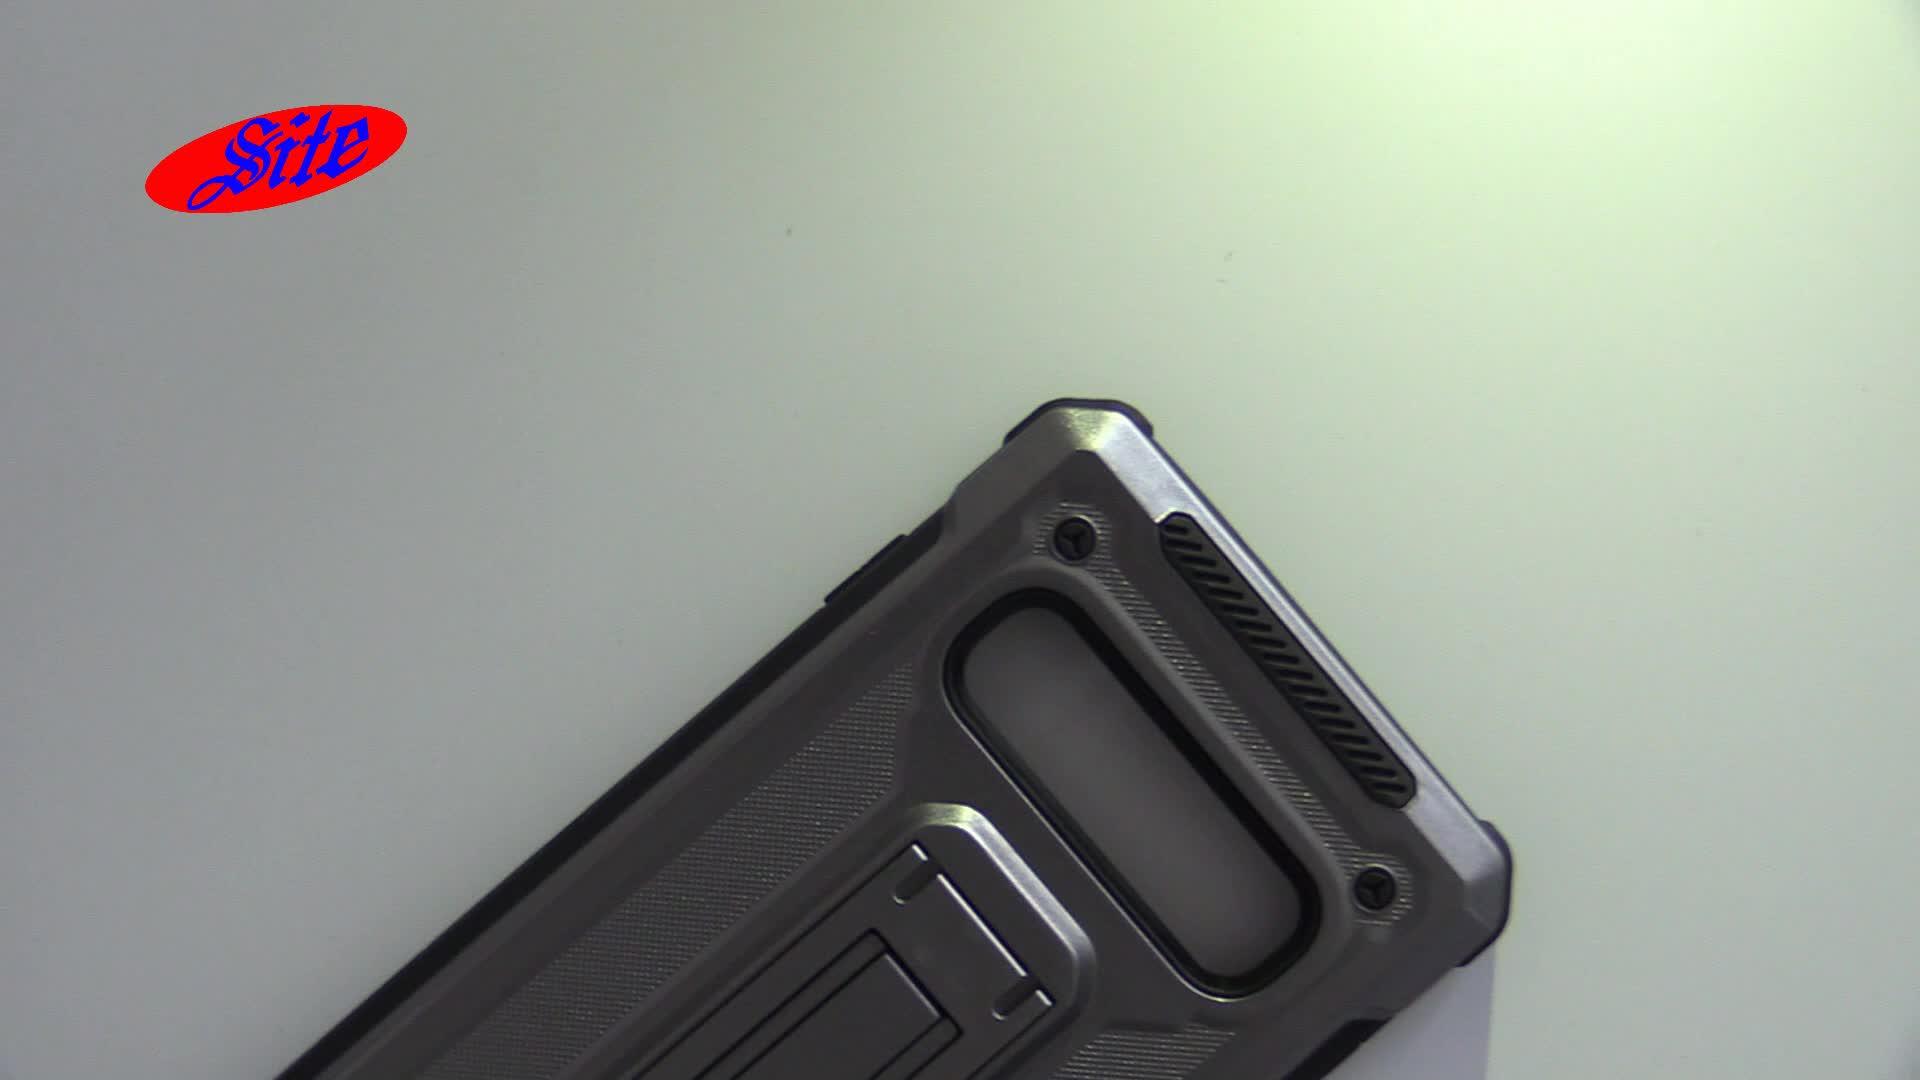 [Site] Robuste robuste Dual Layer-Abdeckung für das Coolpad Revvl Plus C3701A-Handygehäuse mit Ständer